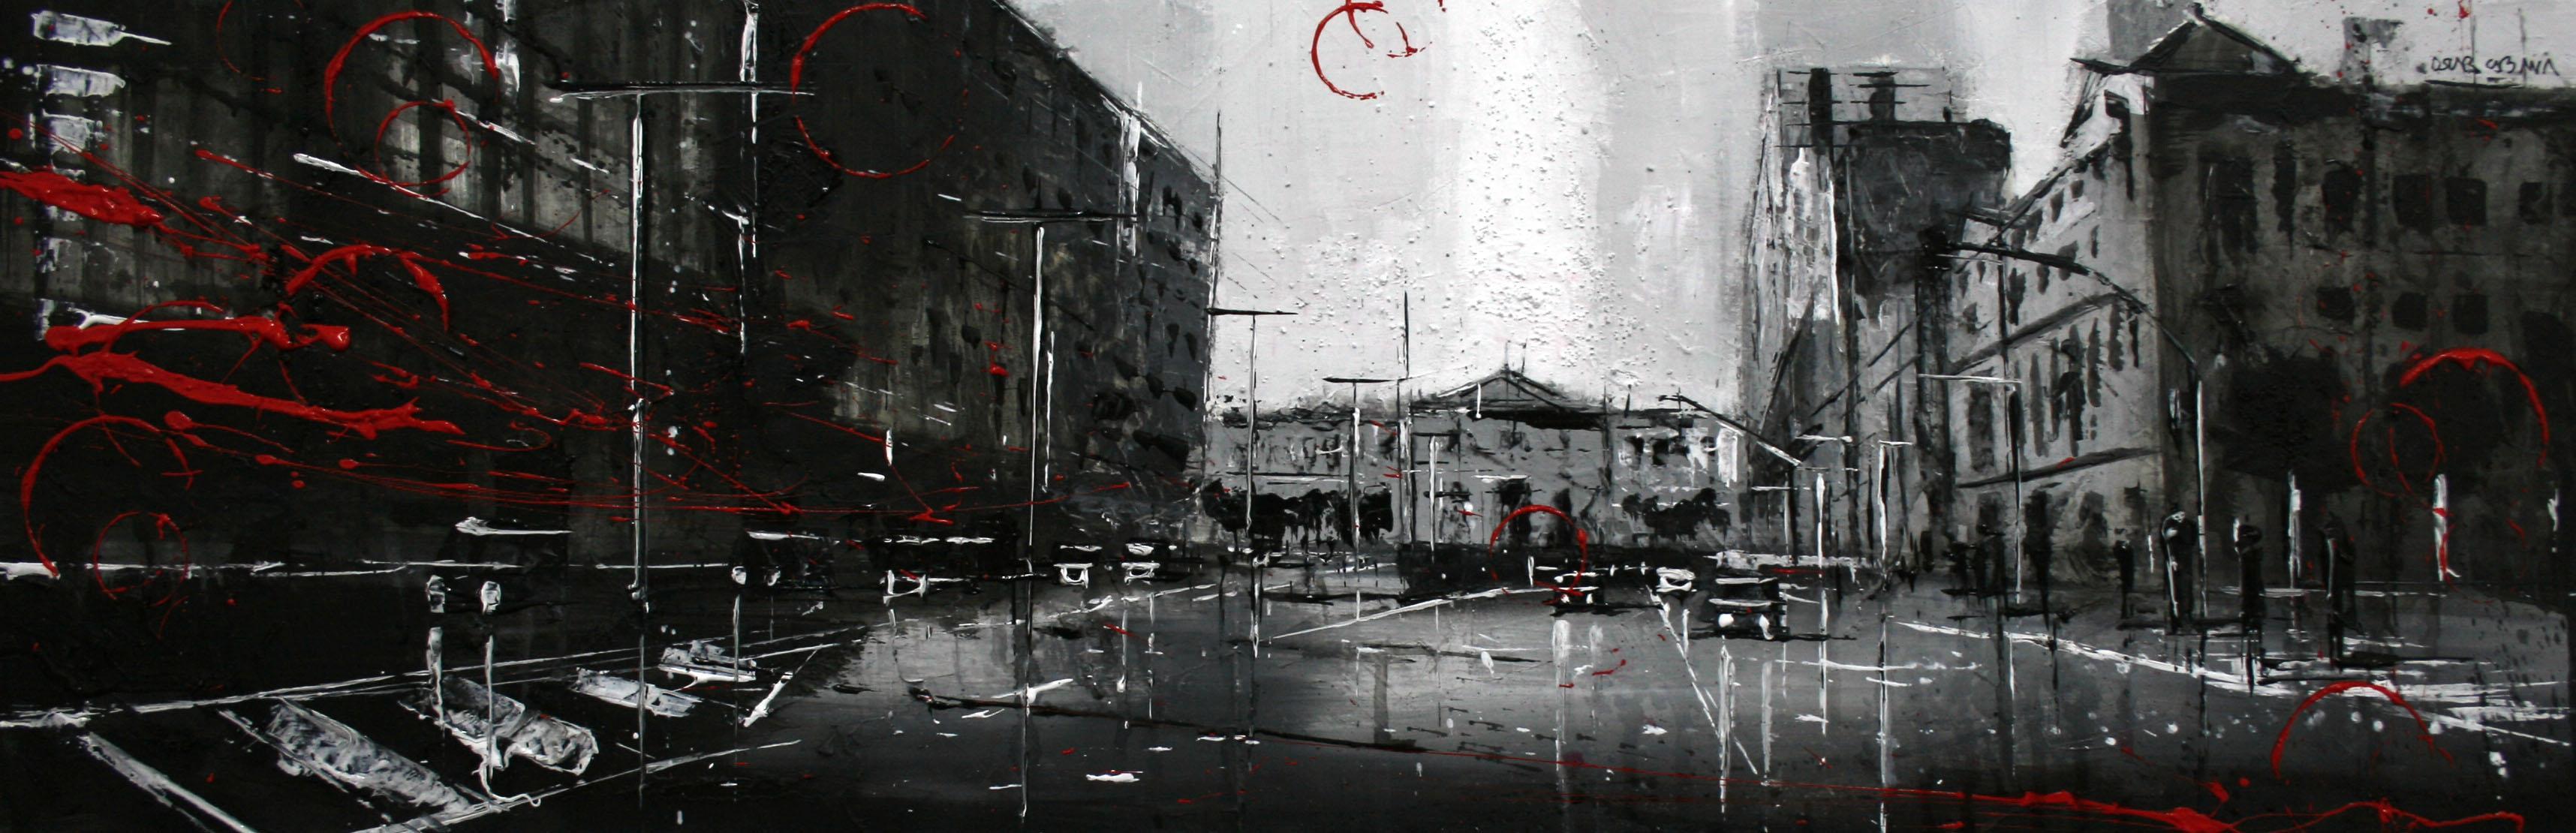 1102_juana de vega_90x30cm_mixta sobre lienzo